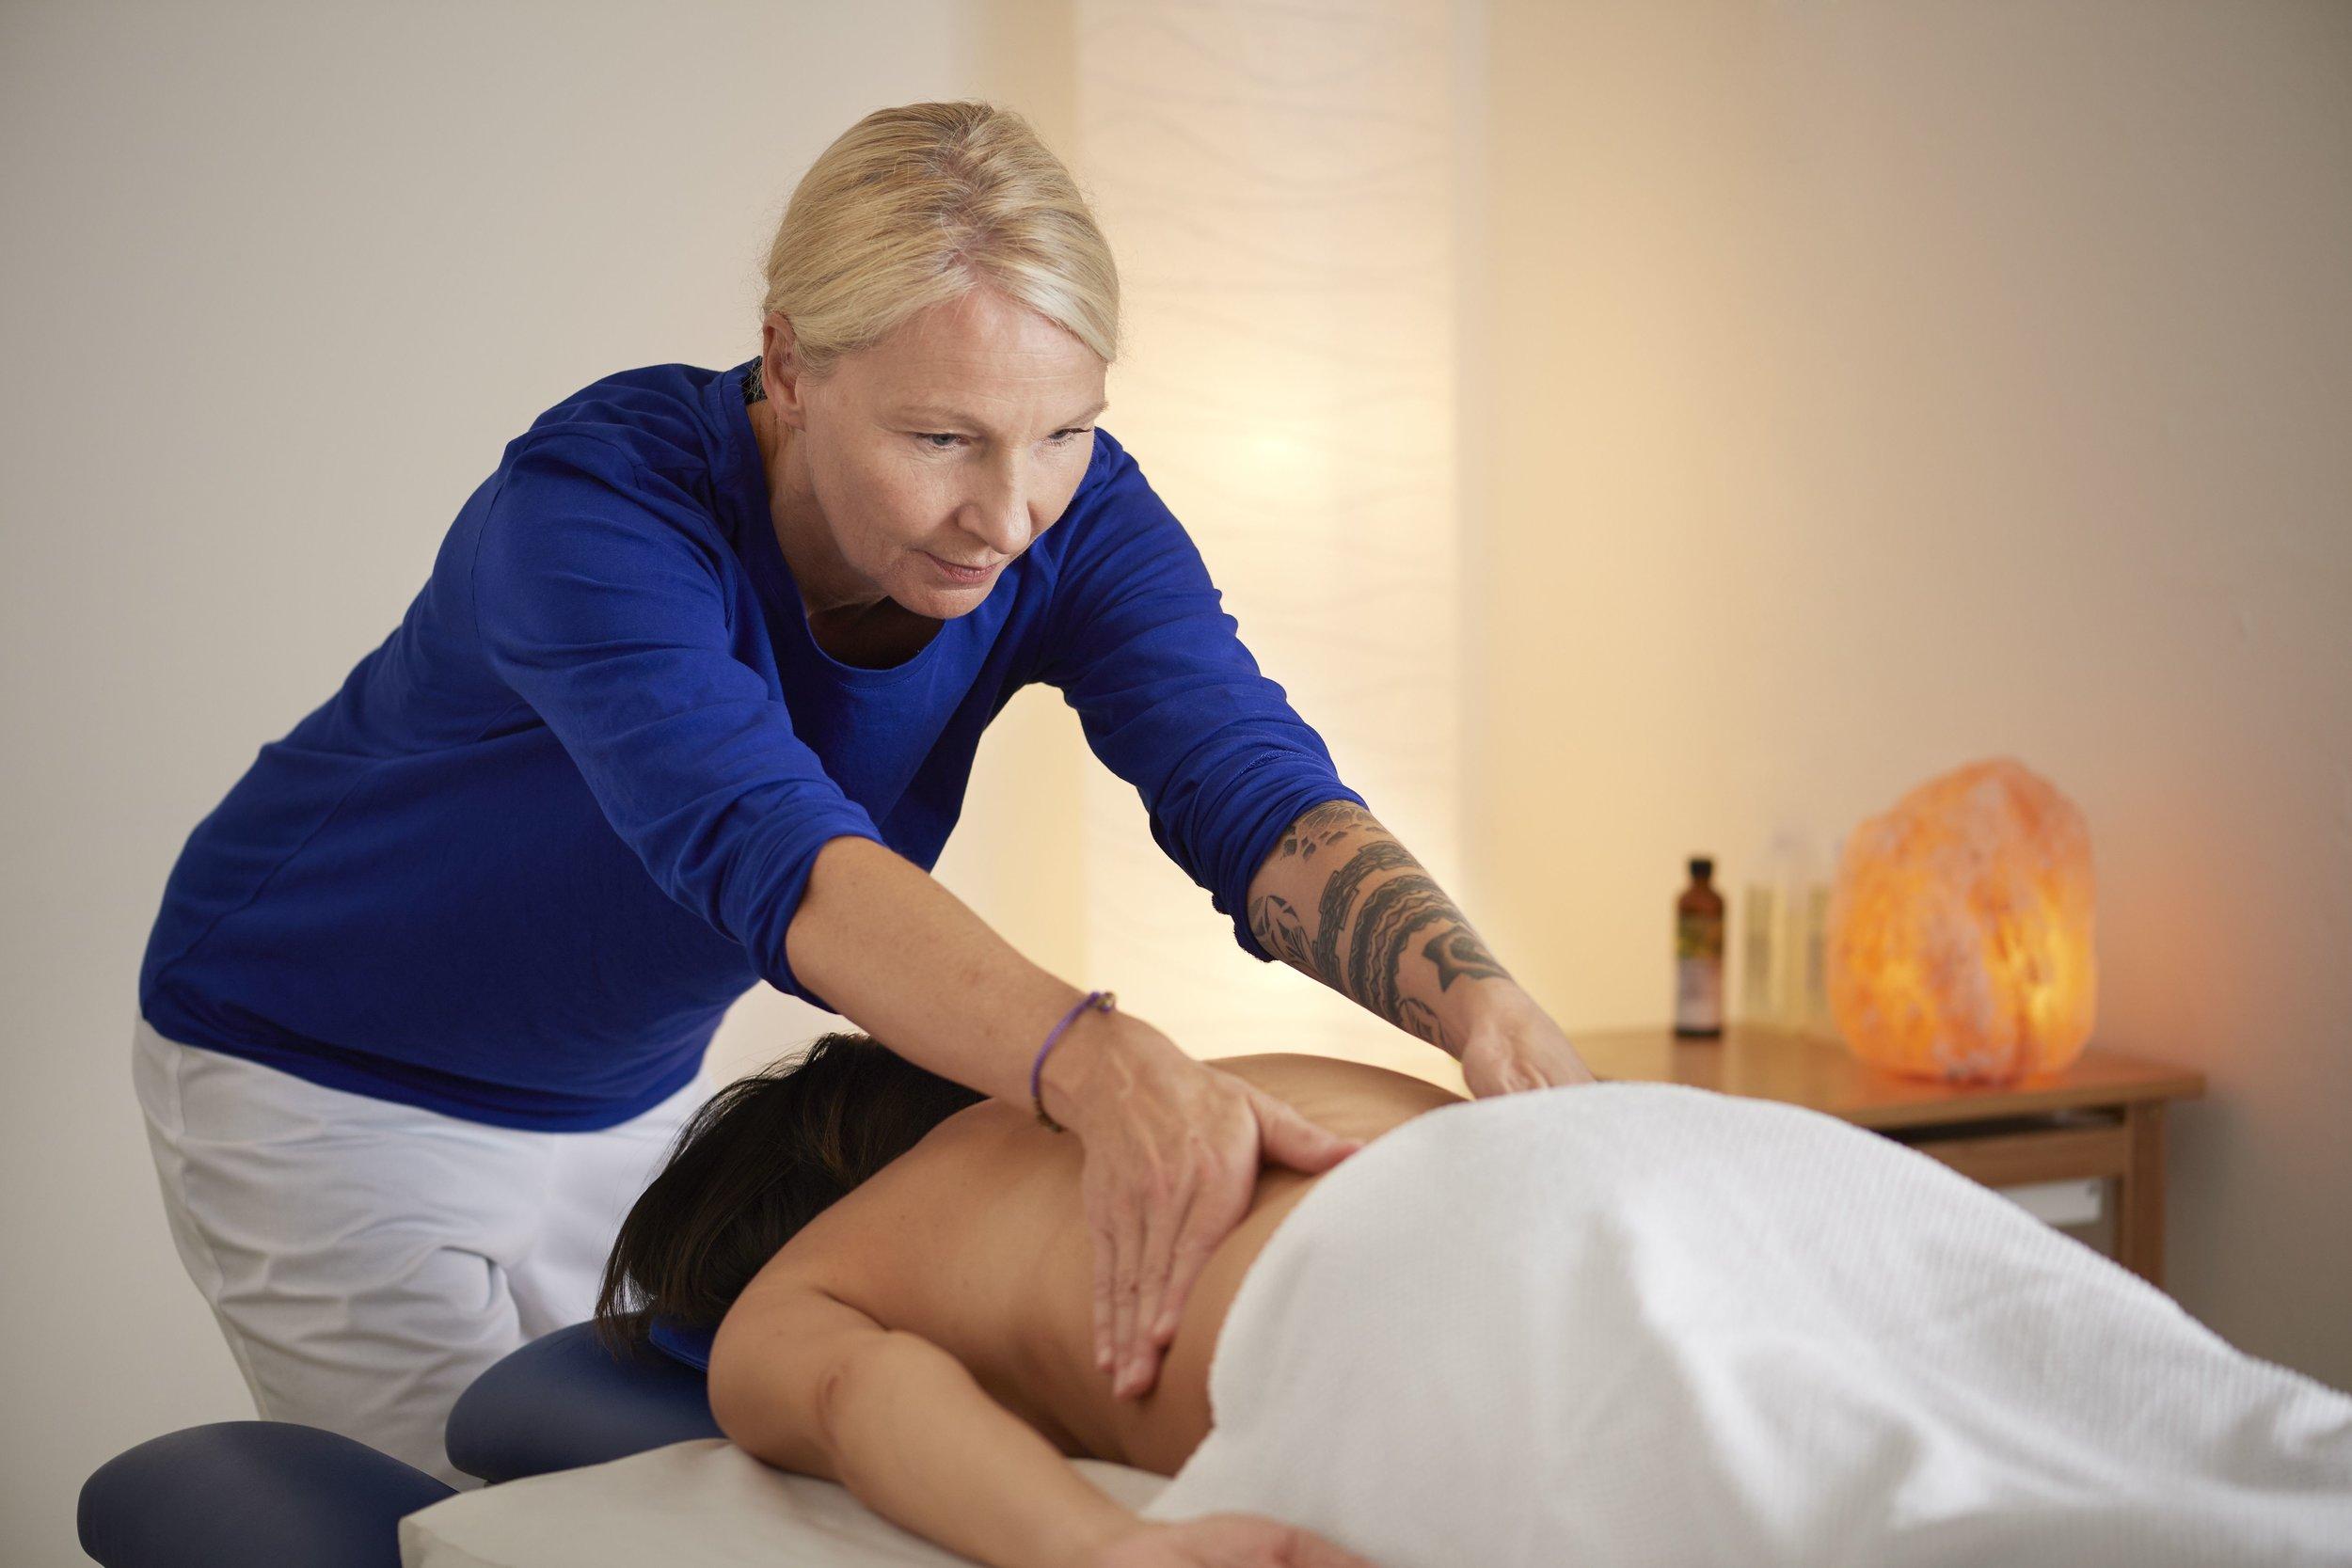 Massage_317-compressor.jpg